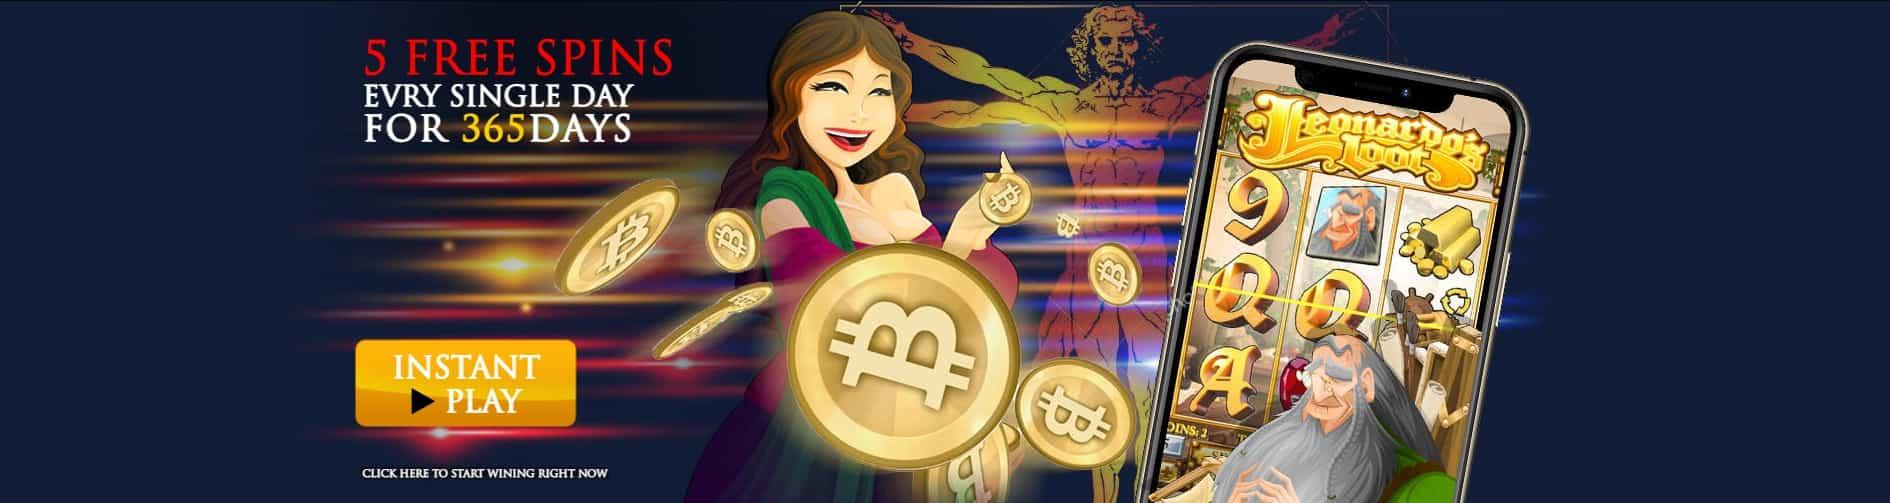 casino gratis spins uden indbetaling